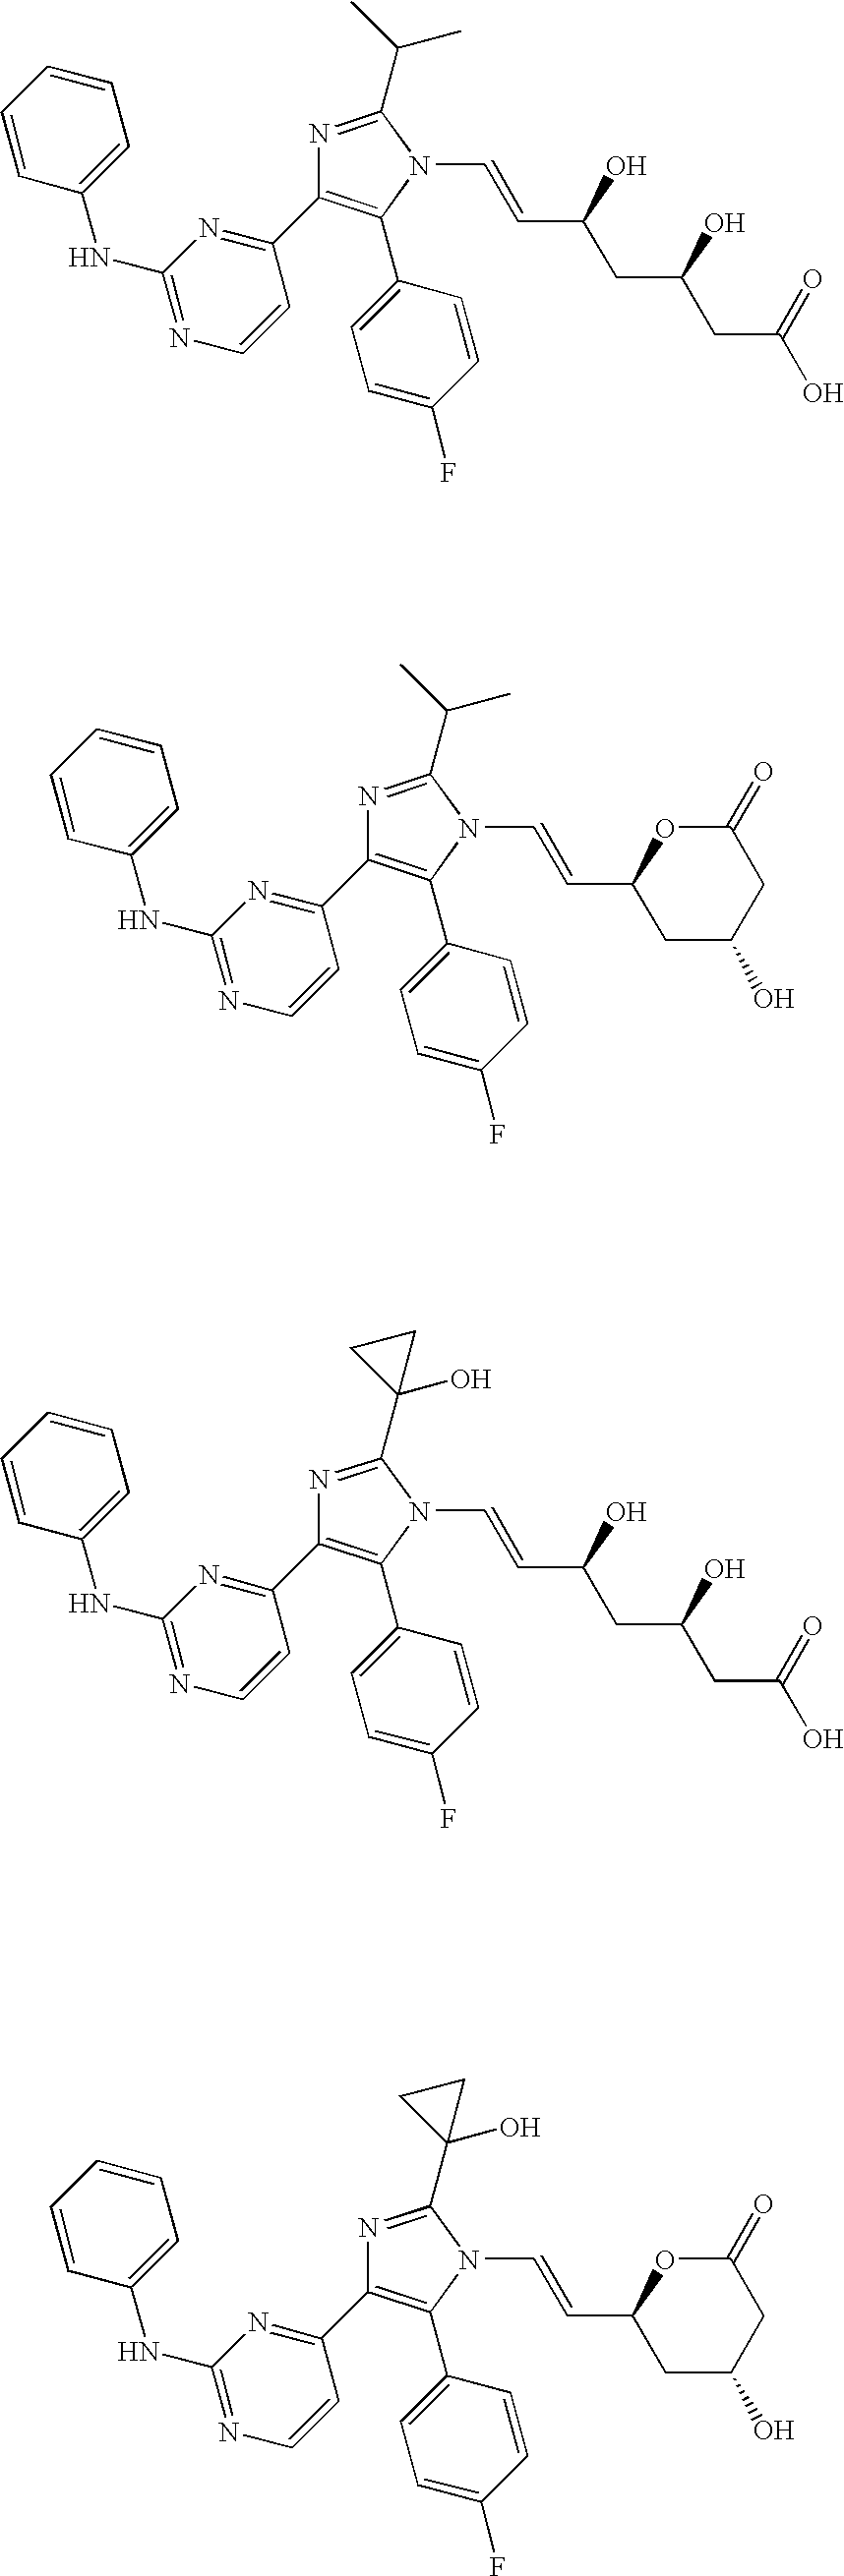 Figure US07183285-20070227-C00069